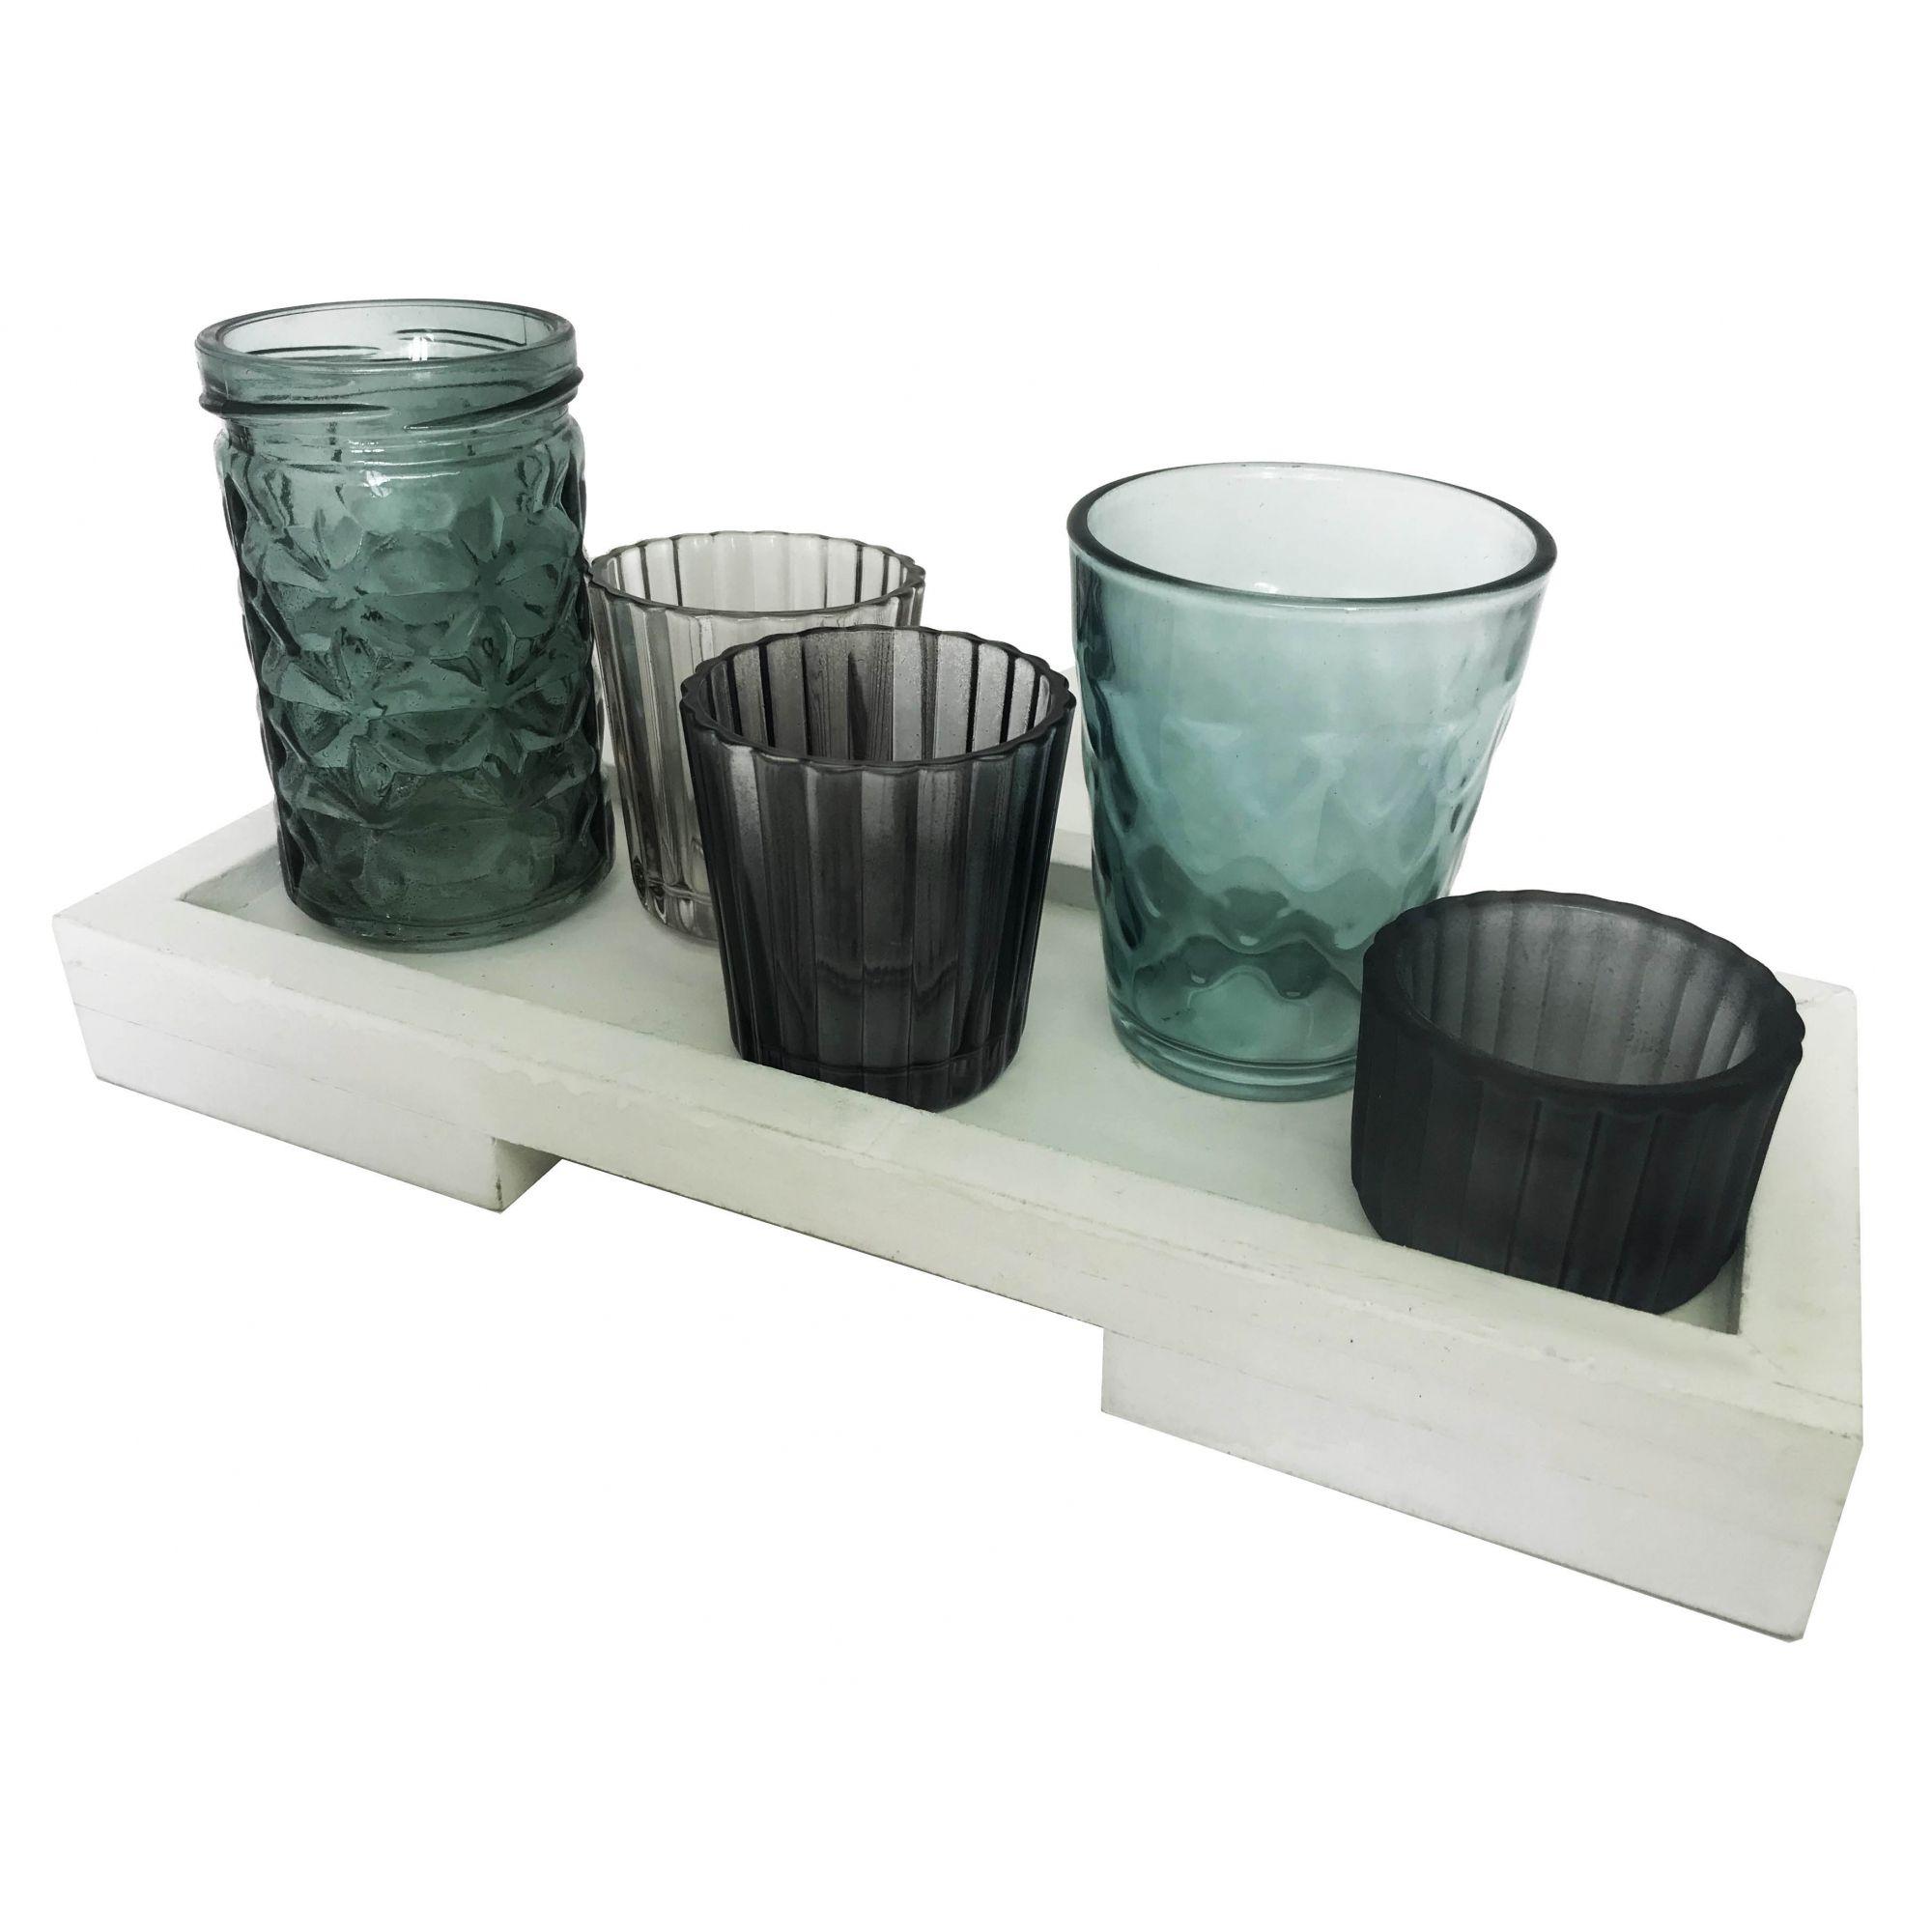 -  Porta-velas - Conjunto com base em madeira branca